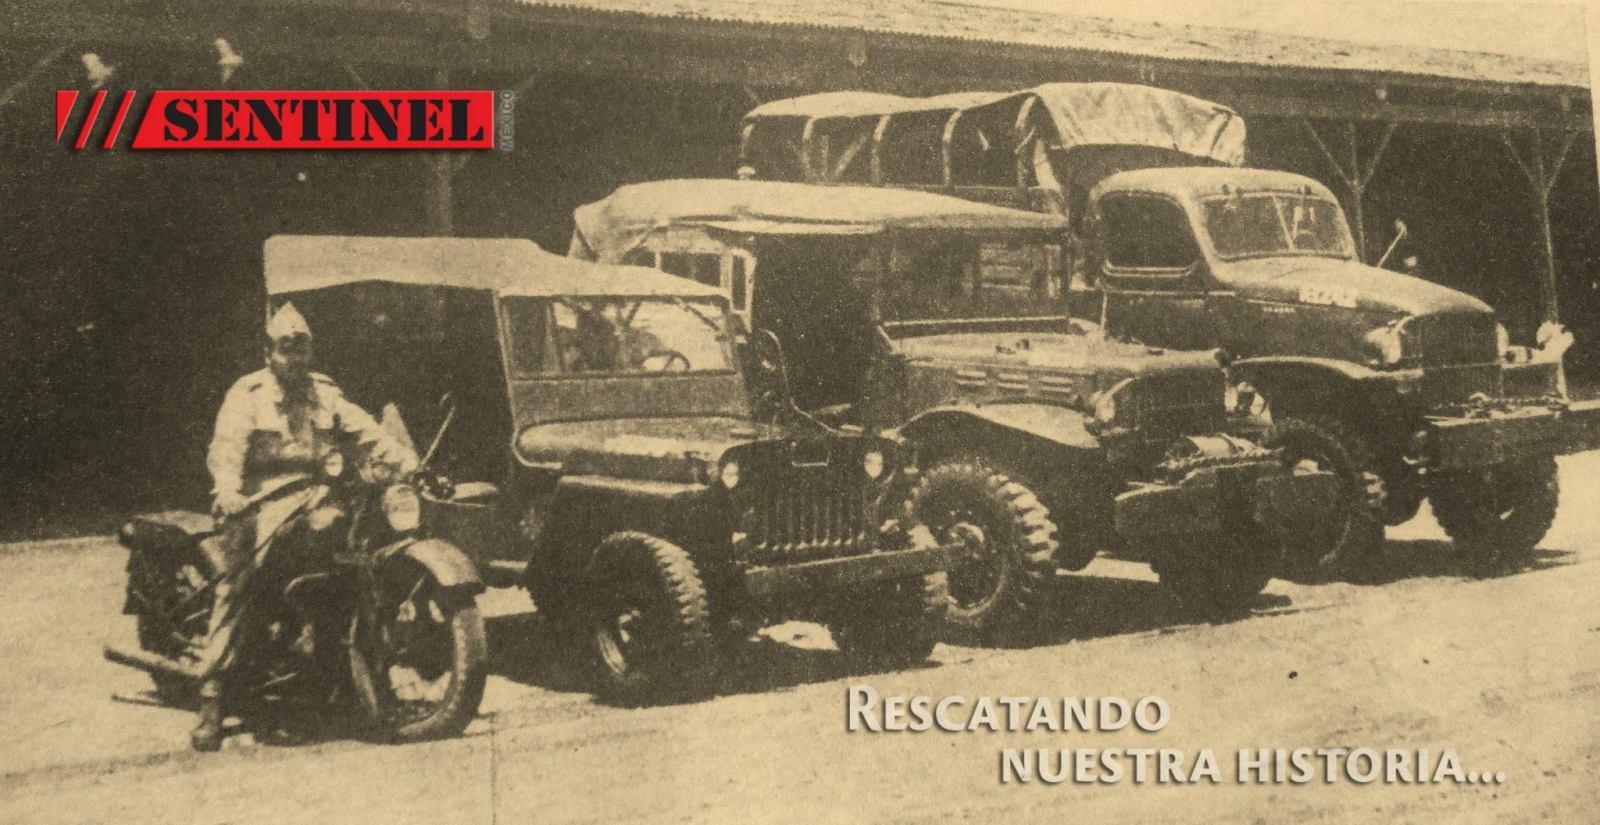 fotos vintage de las Fuerzas armadas mexicanas - Página 7 2vkbvhz